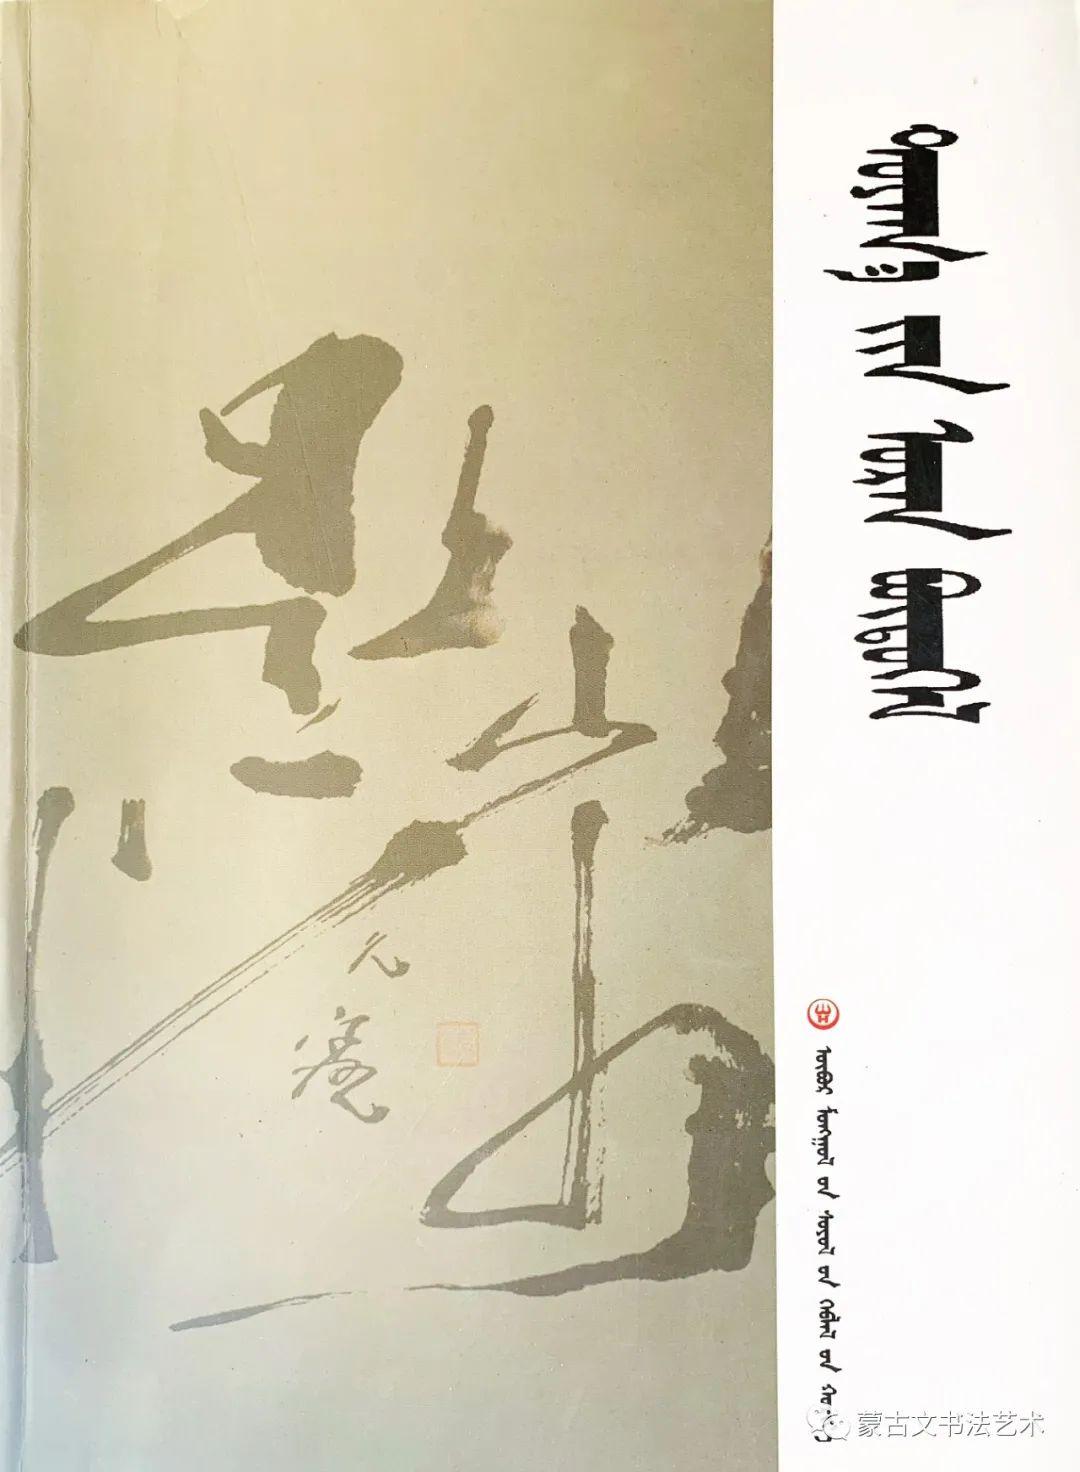 书法书籍——【图雅作品集】 第1张